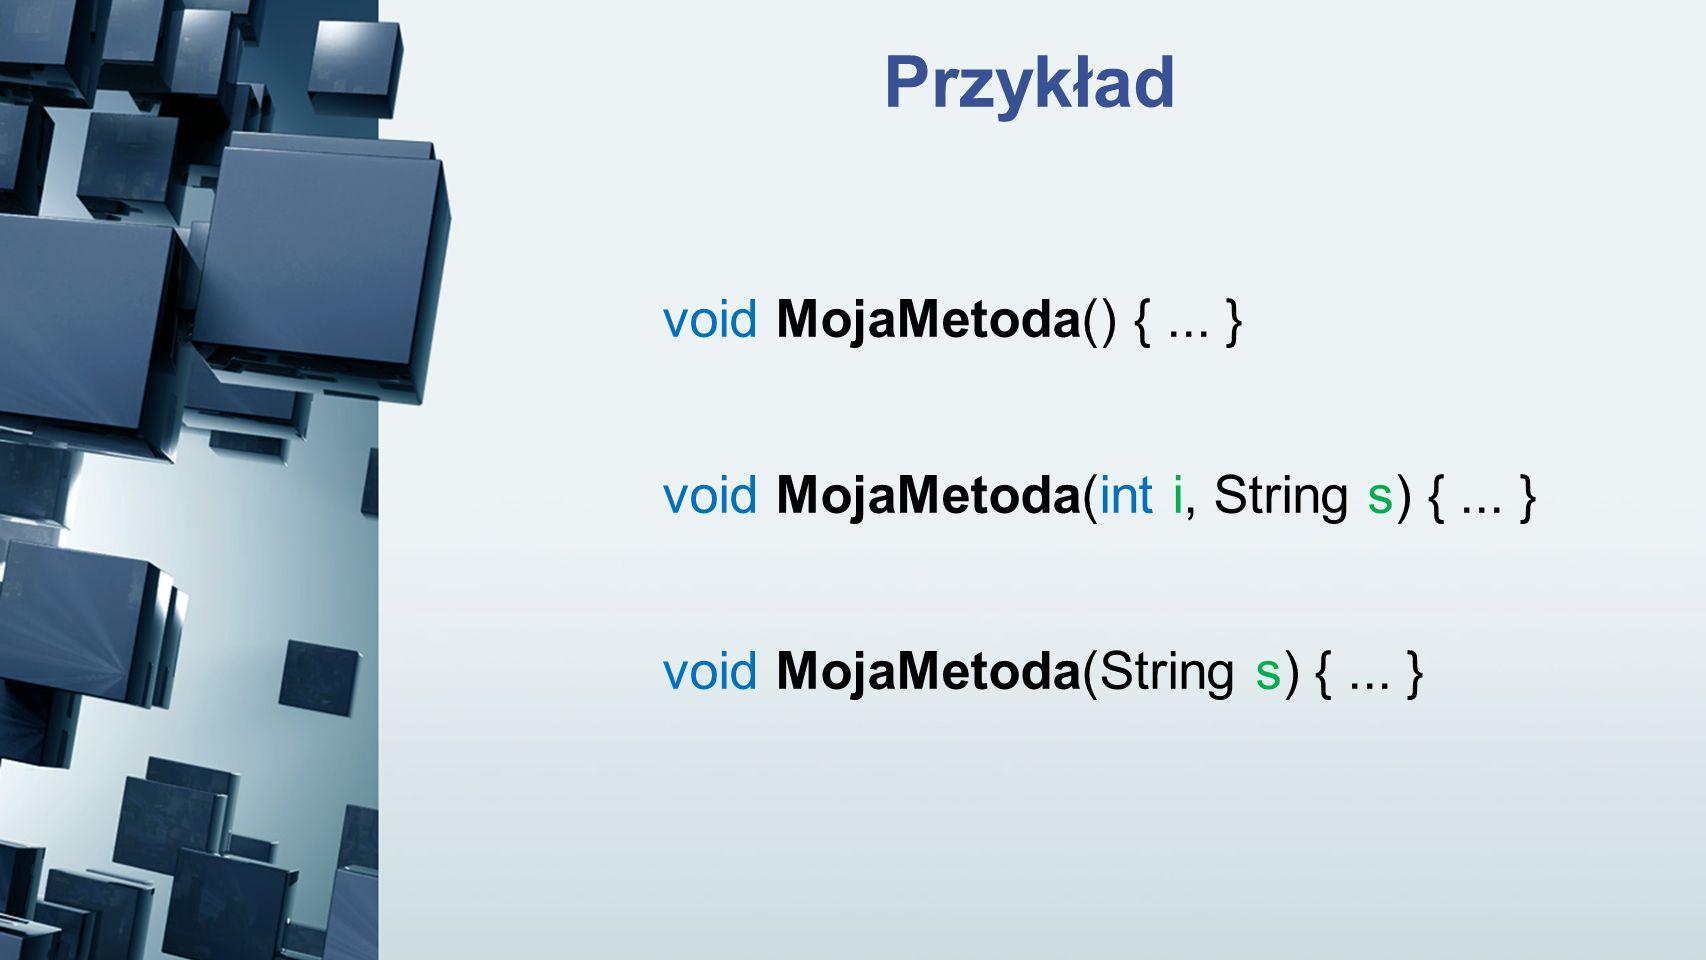 Przykład void MojaMetoda() { ... }